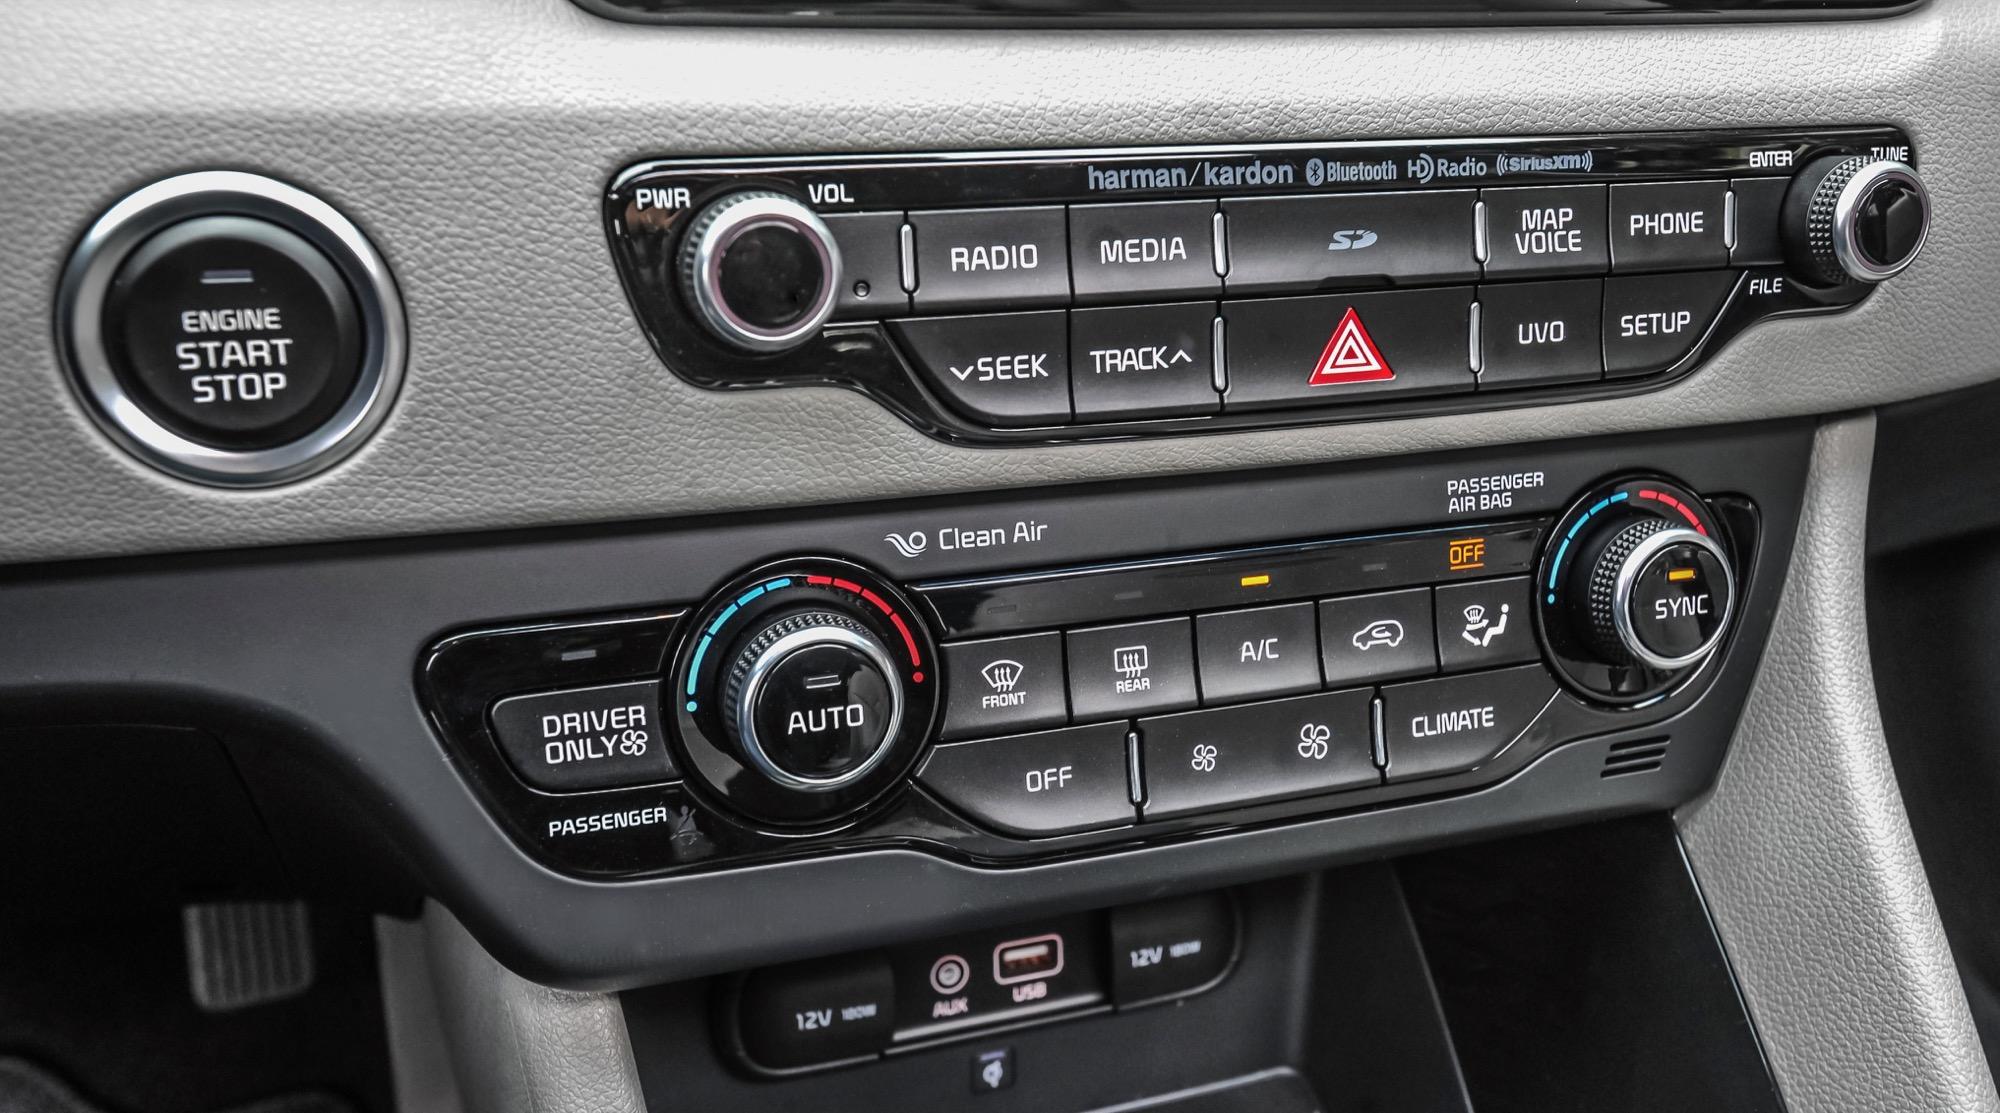 2017 kia niro hybrid review for Interior kia niro